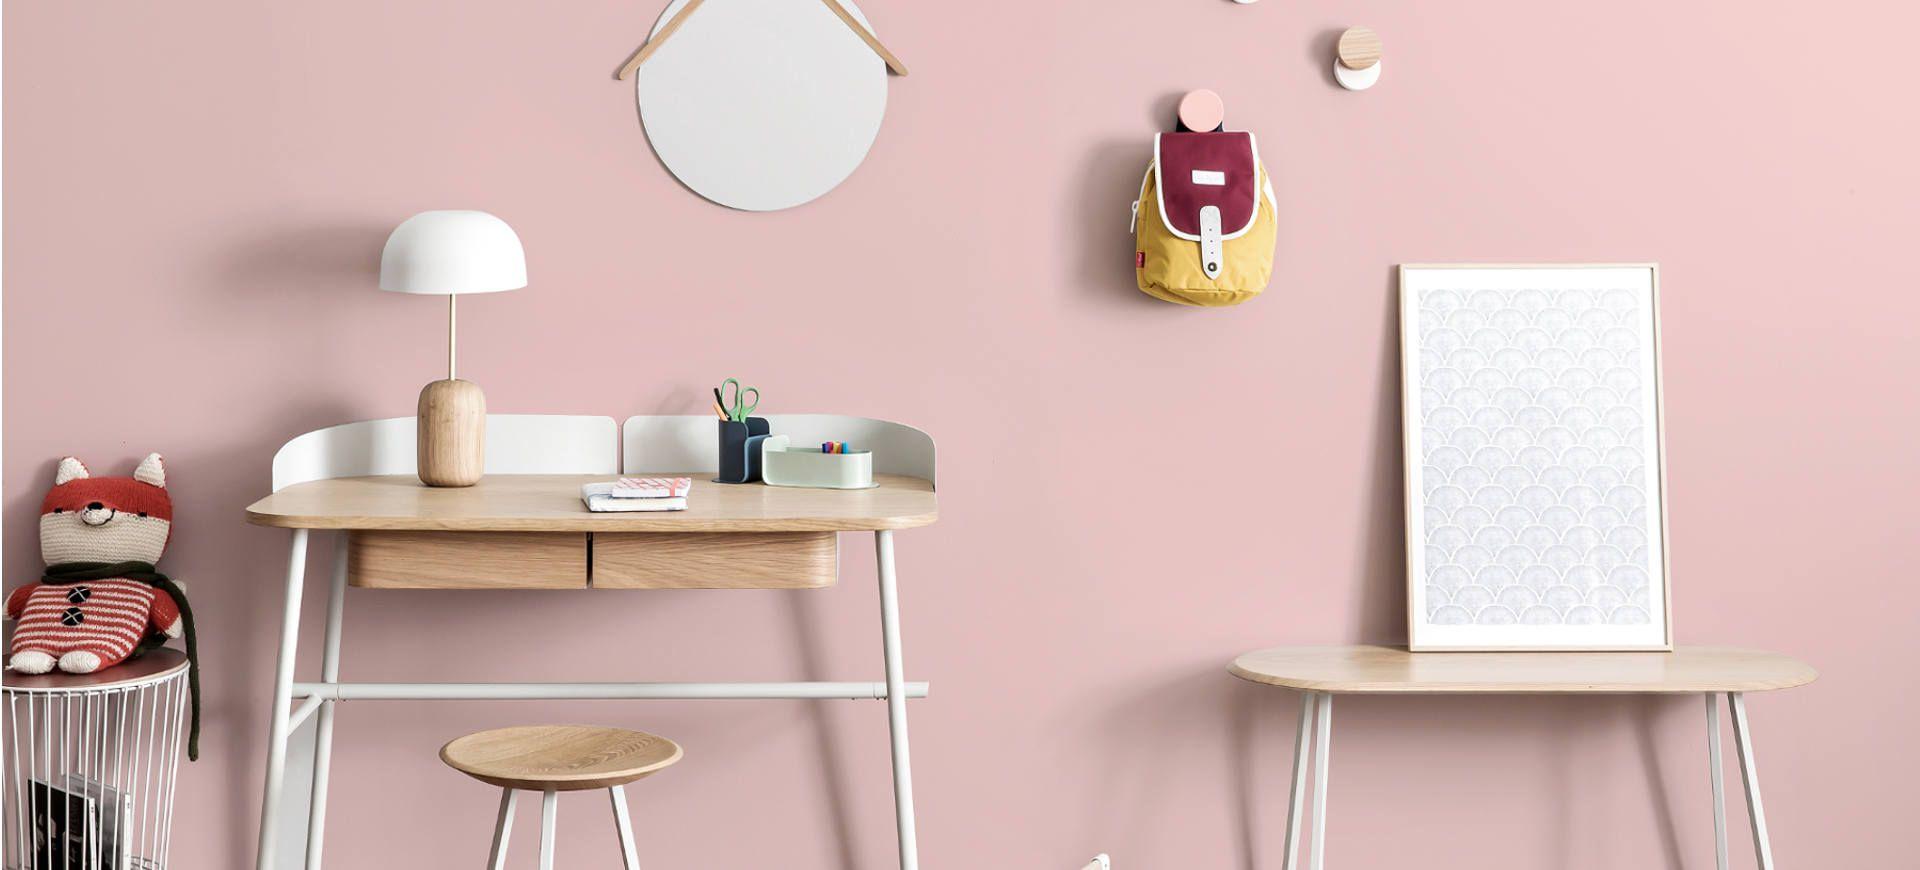 Kids Love Design: Mobilier et décoration design pour bébé & enfants